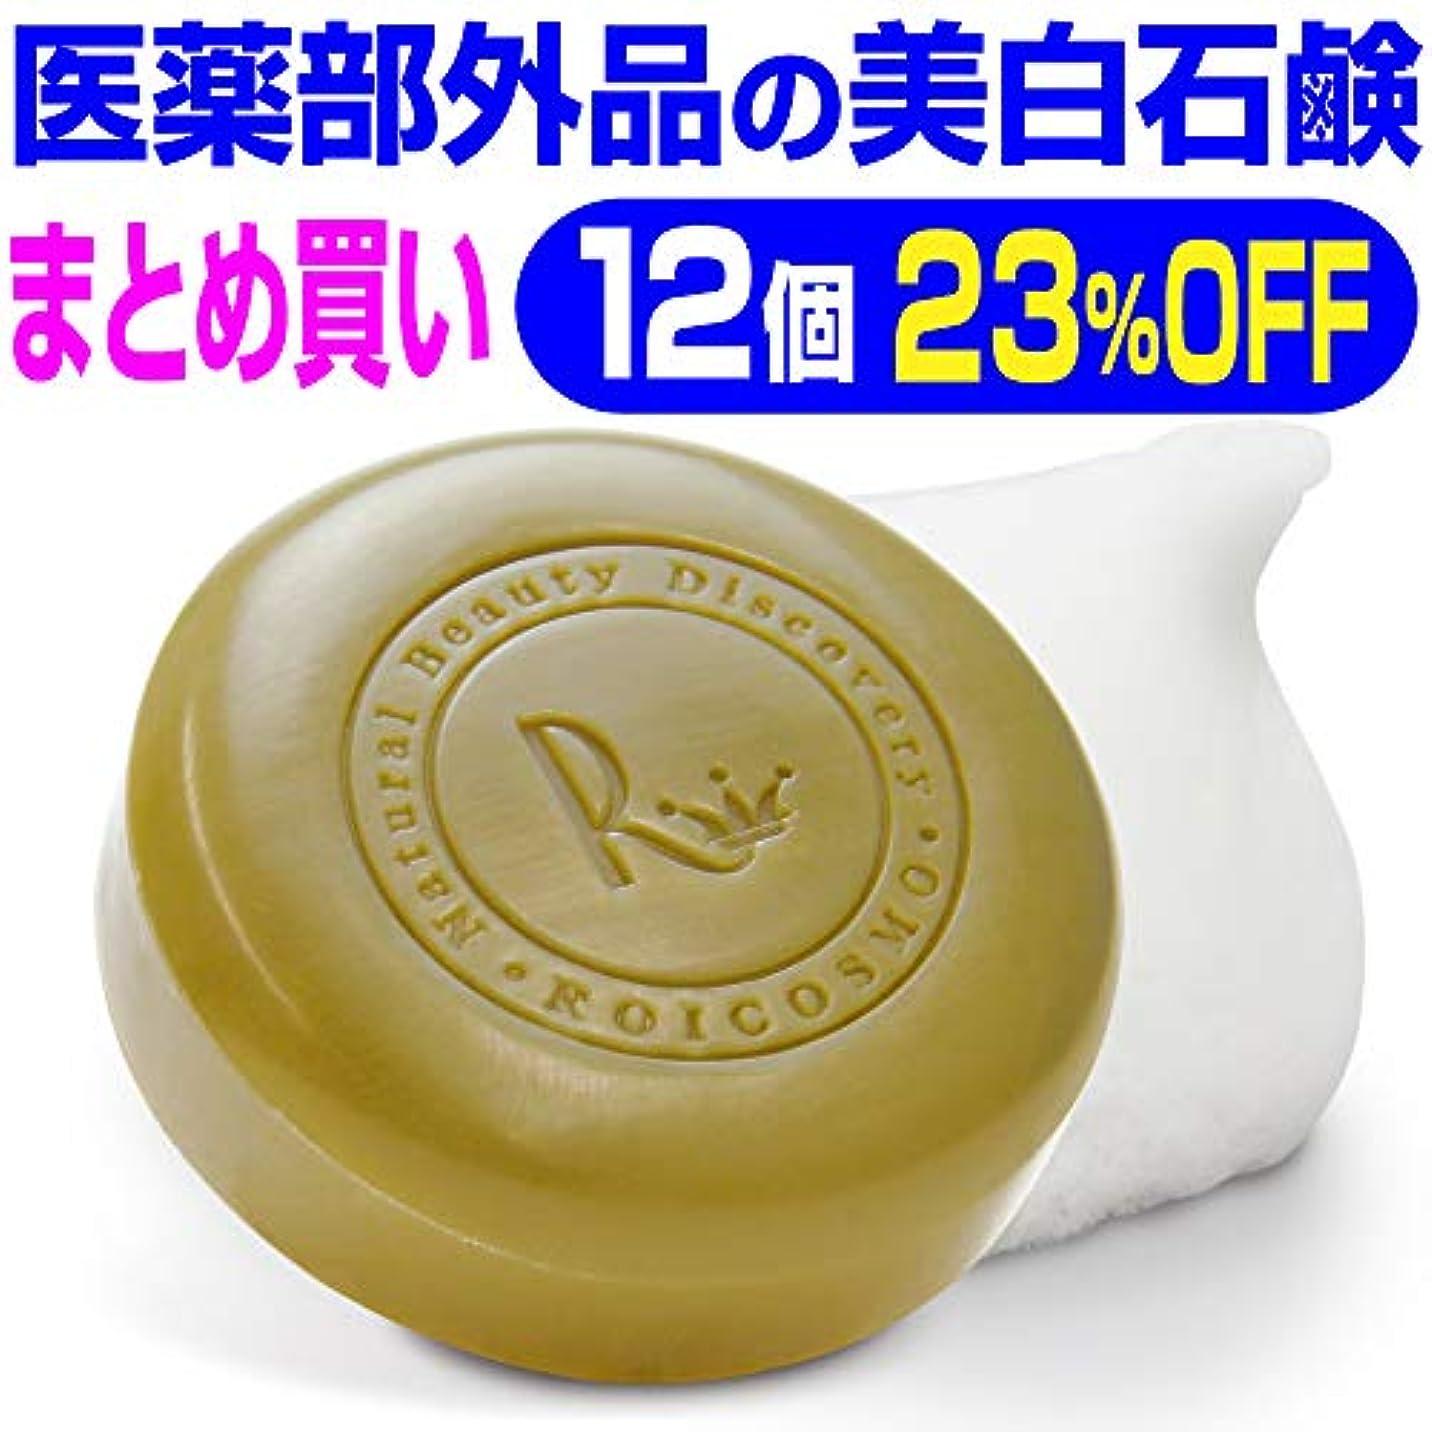 バスト無一文添加12個まとめ買い23%OFF 美白石鹸/ビタミンC270倍の美白成分配合の 洗顔石鹸『ホワイトソープ100g×12個』